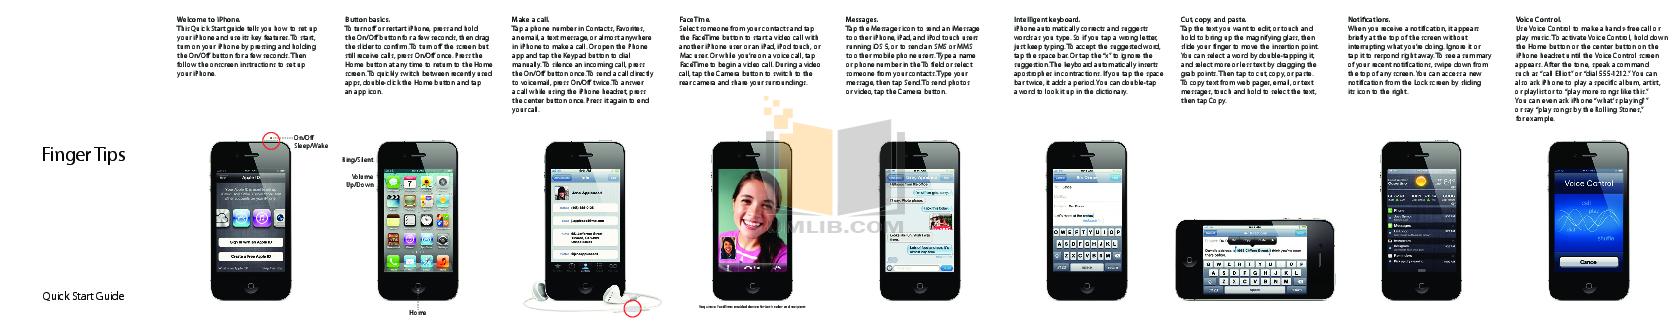 Guida utente iphone